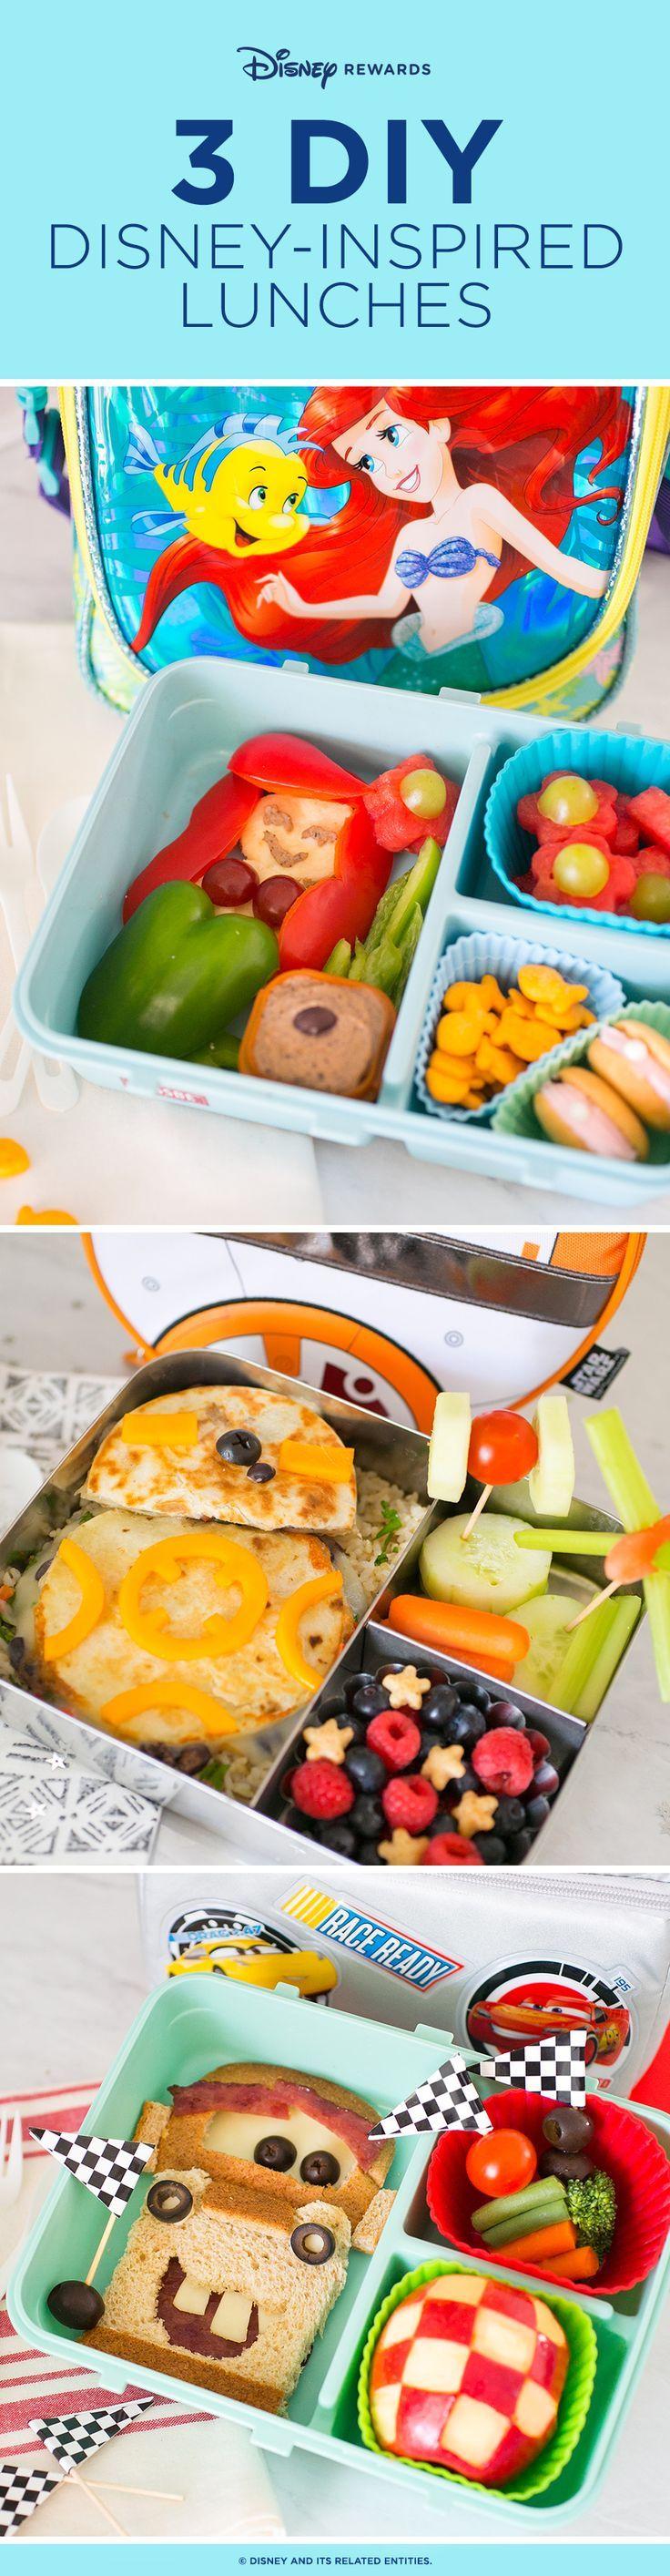 Menu Board Ideas School Lunch - 0425